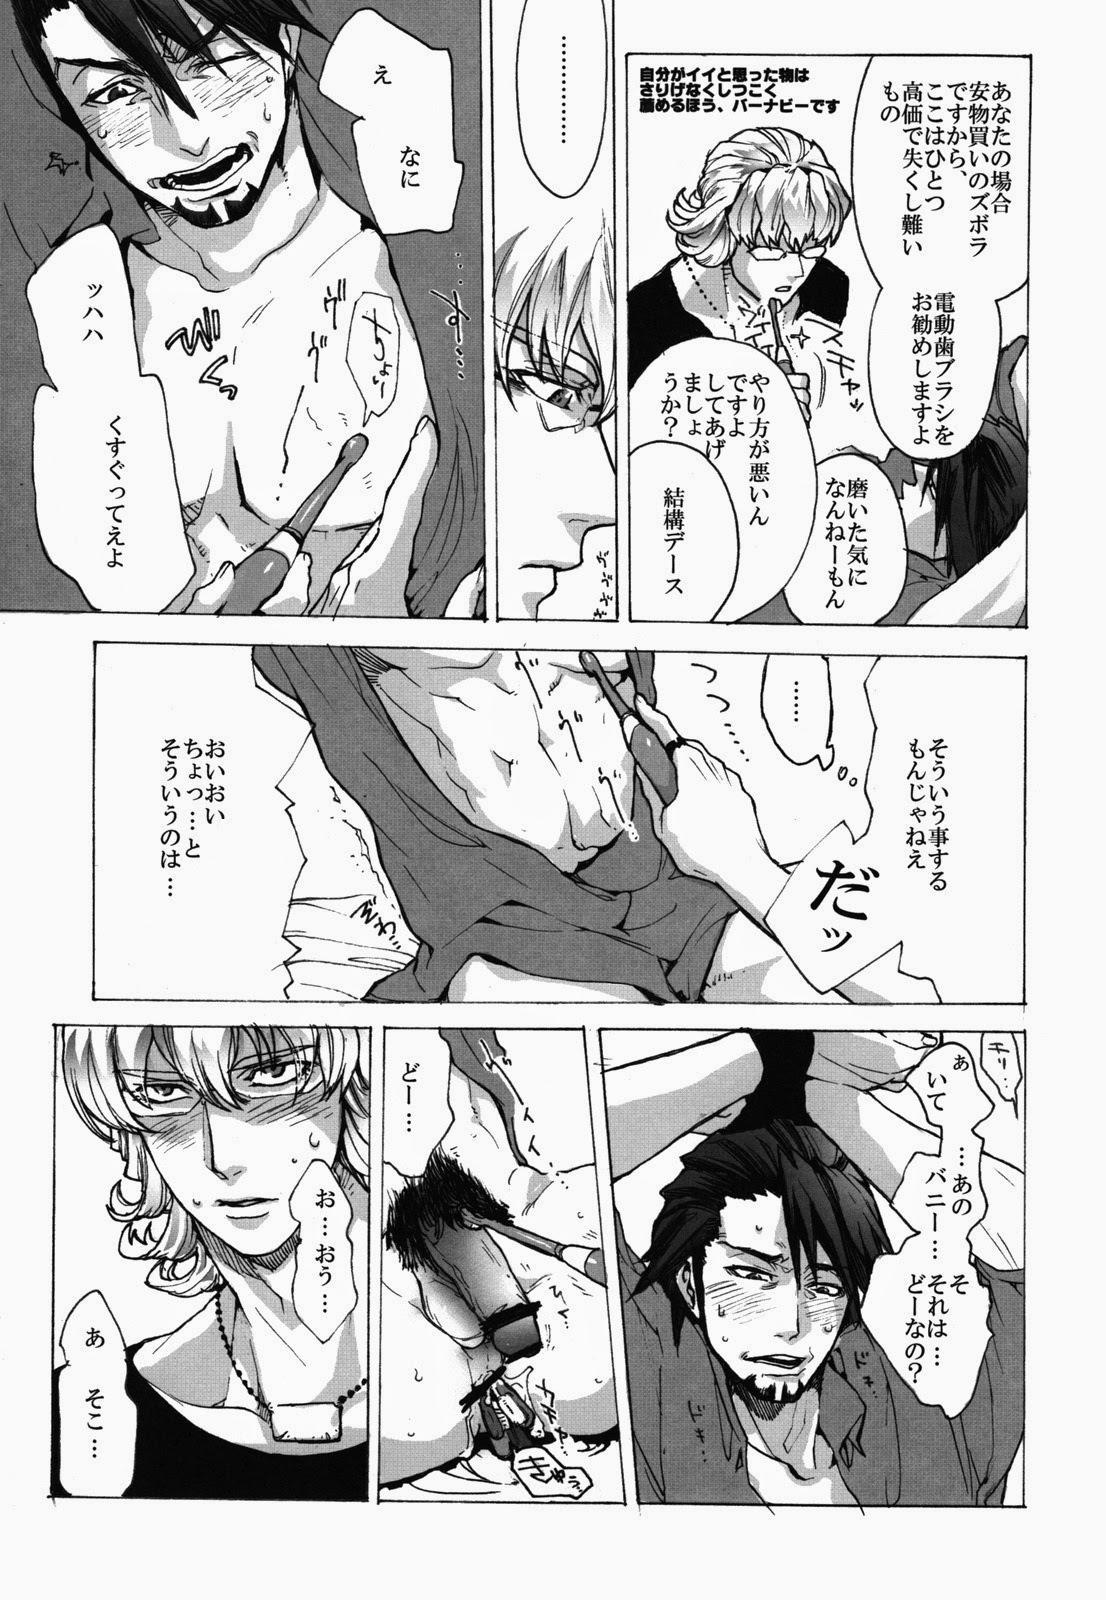 Hamidashi Justice no Koe ga Kikoeru Plus 21